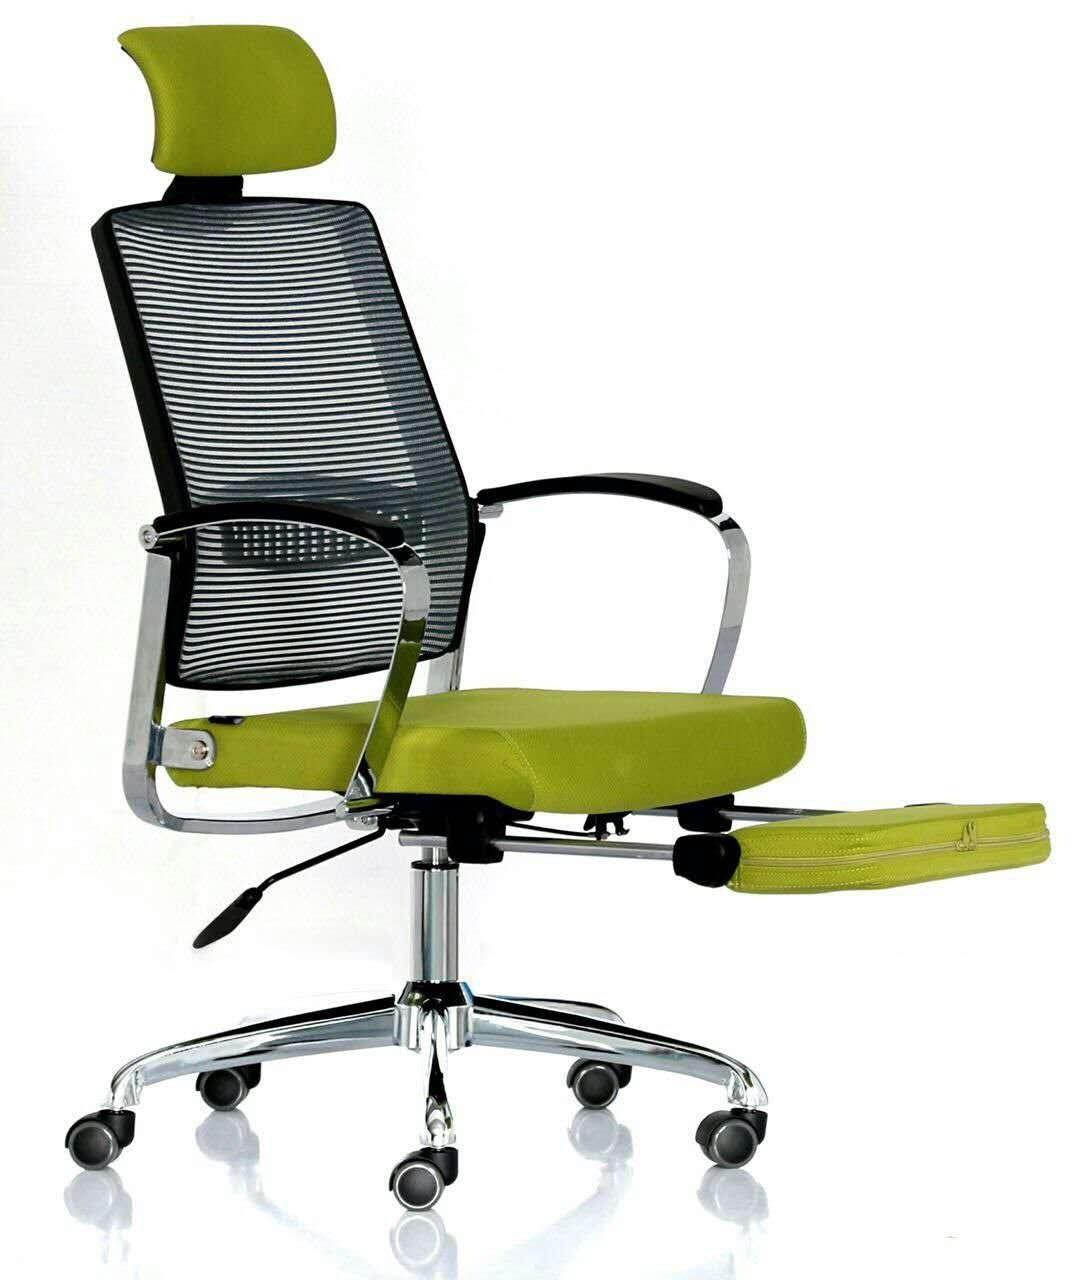 Ghế lưới văn phòng cao cấp TG 8941R